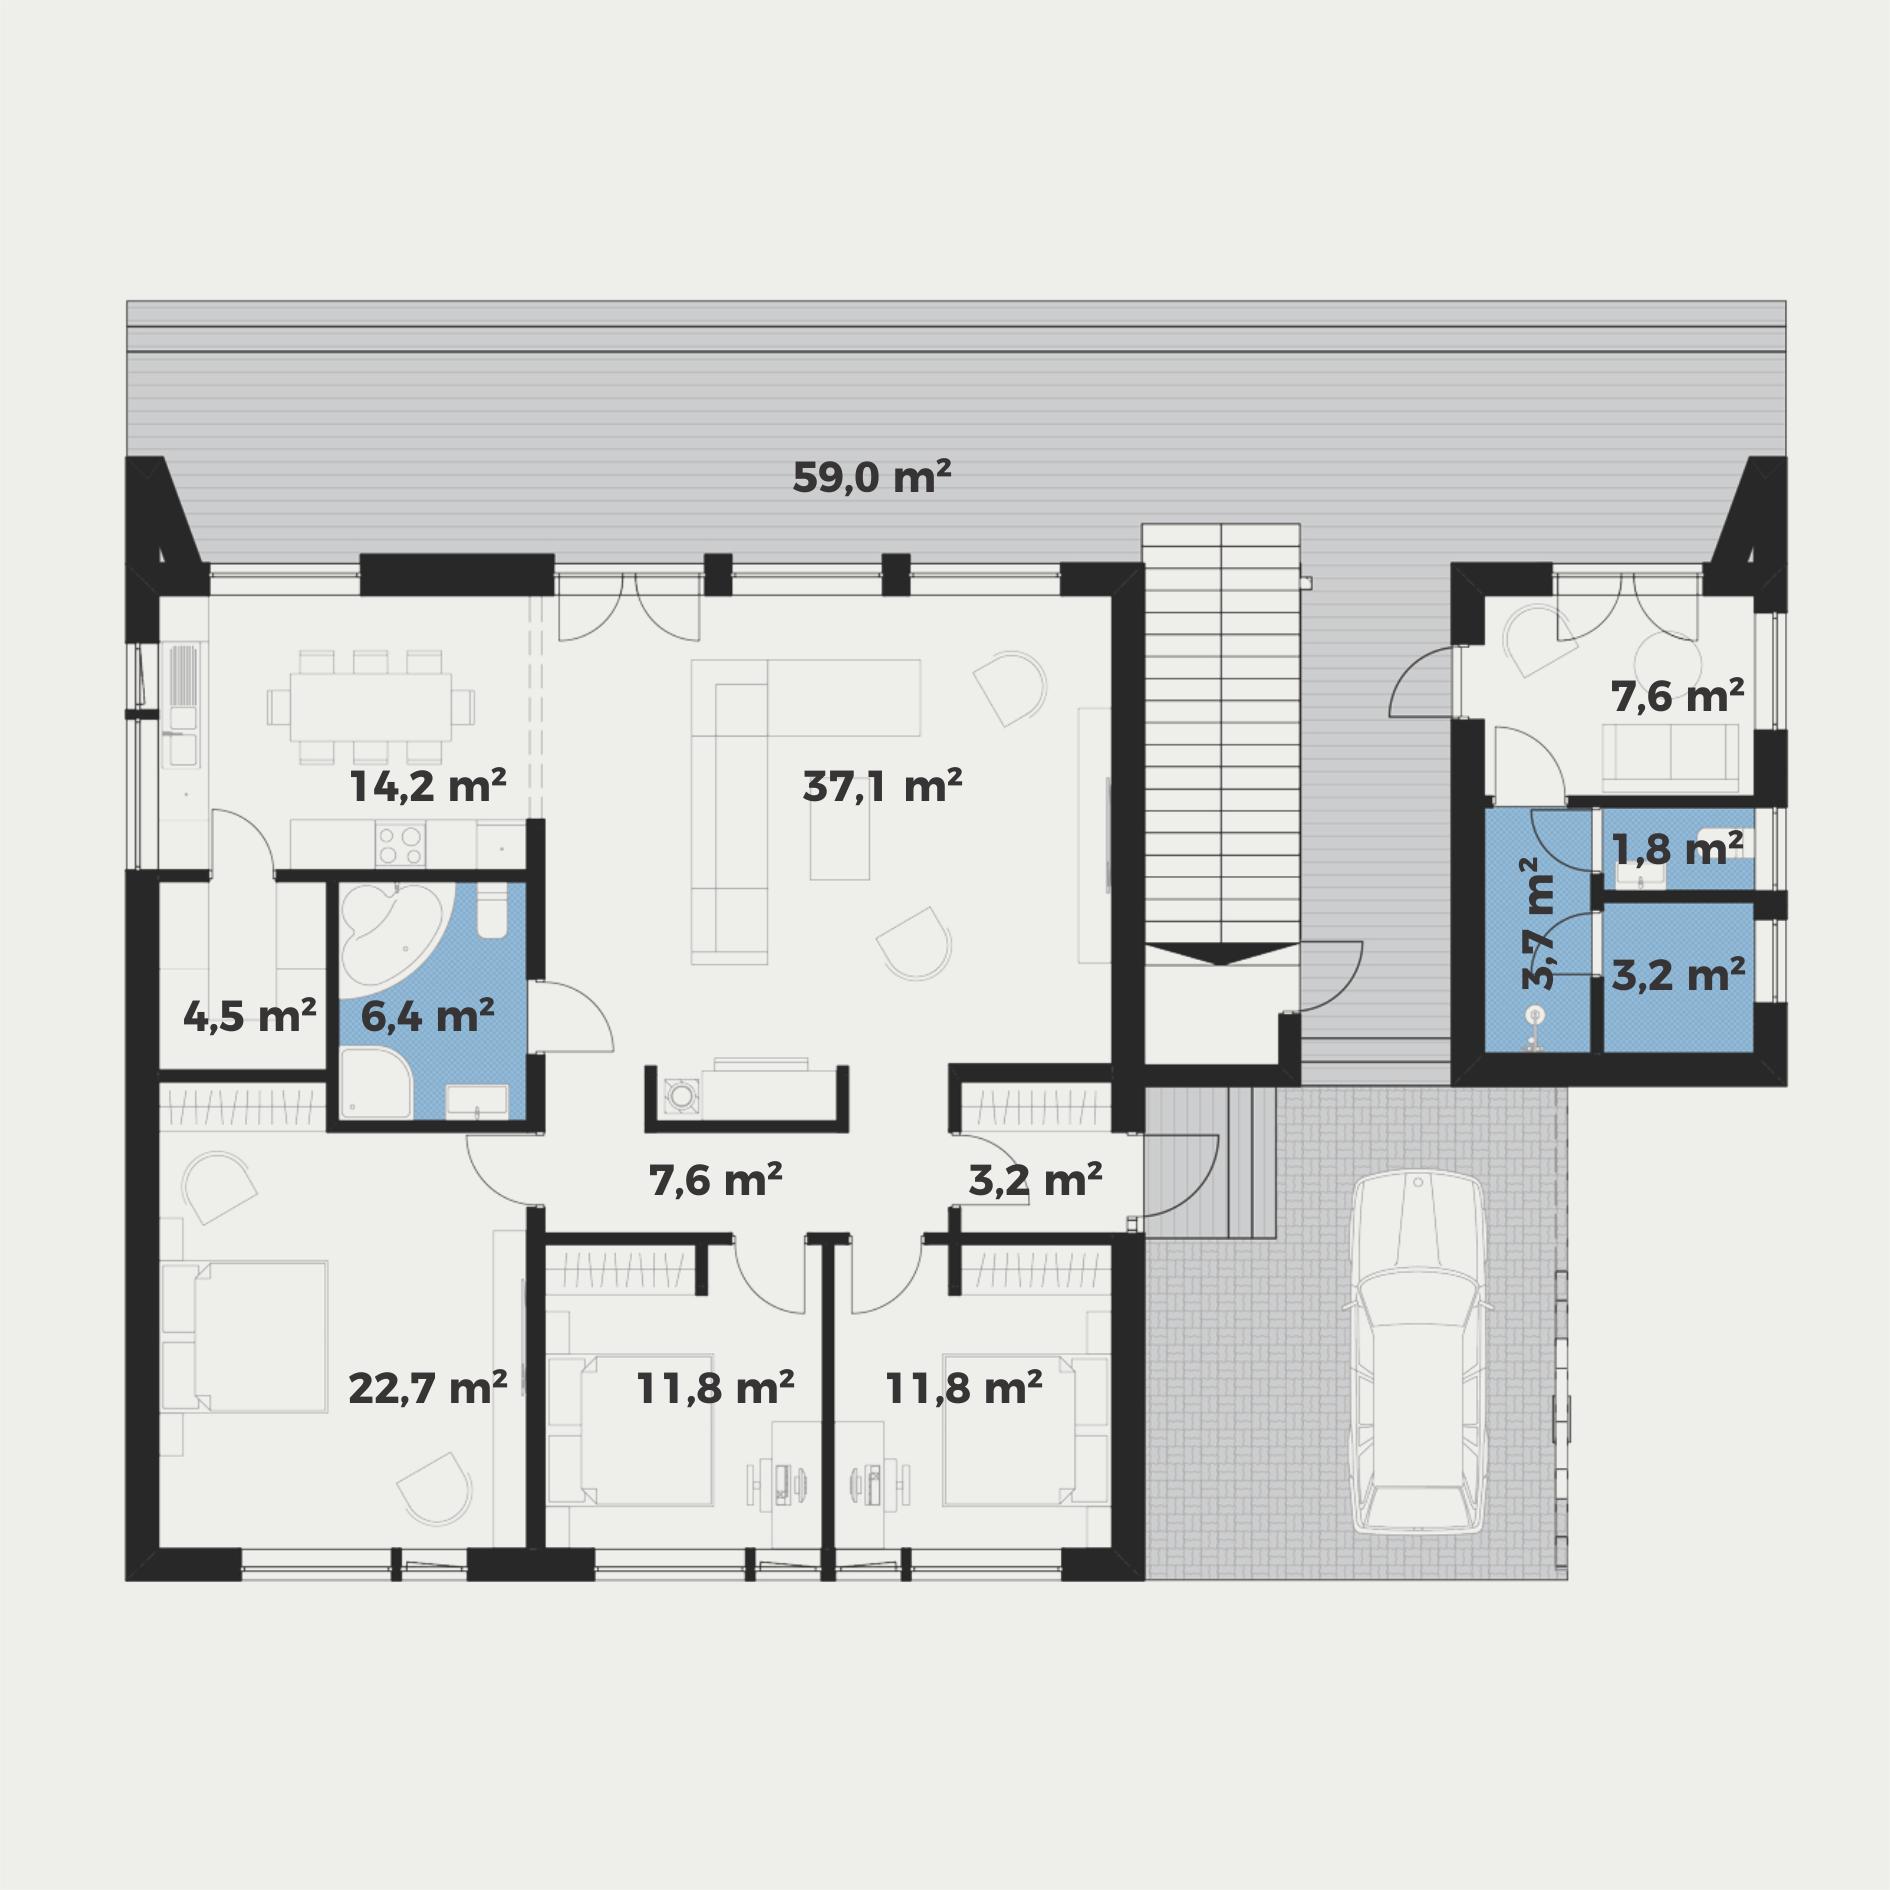 Planimetria della costruzione Casa in Legno modello Oscar di Estia House oü